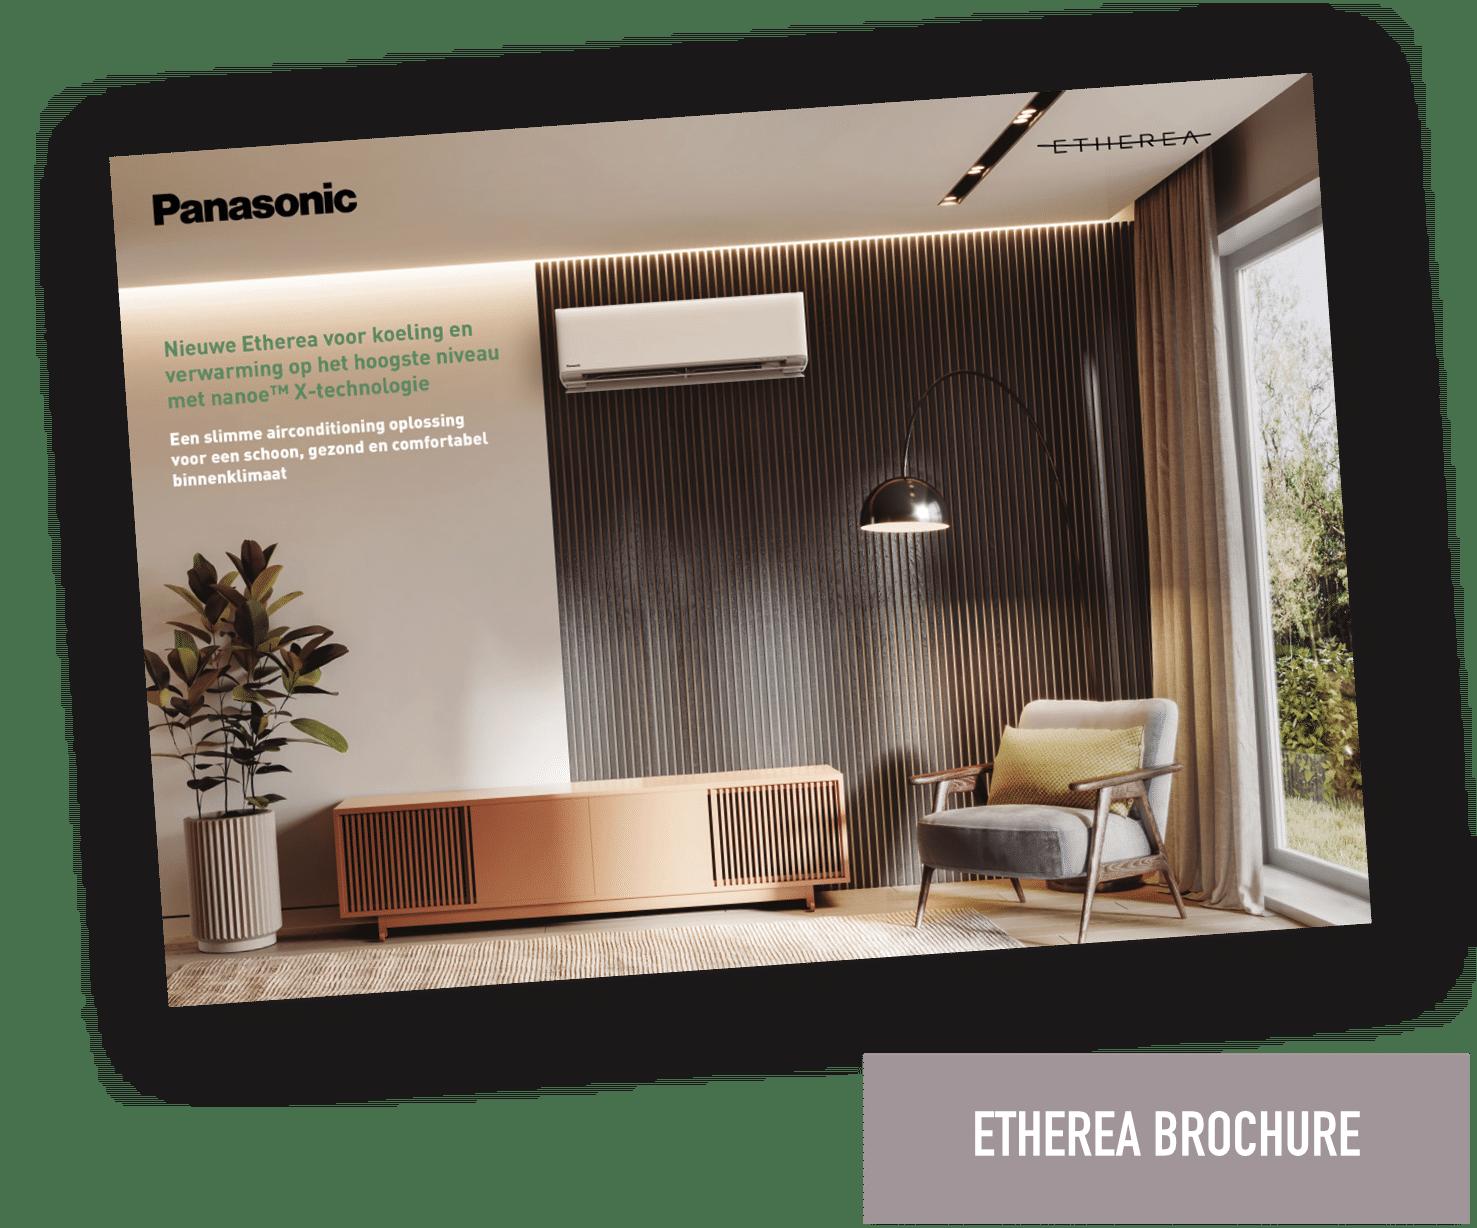 Etherea brochure